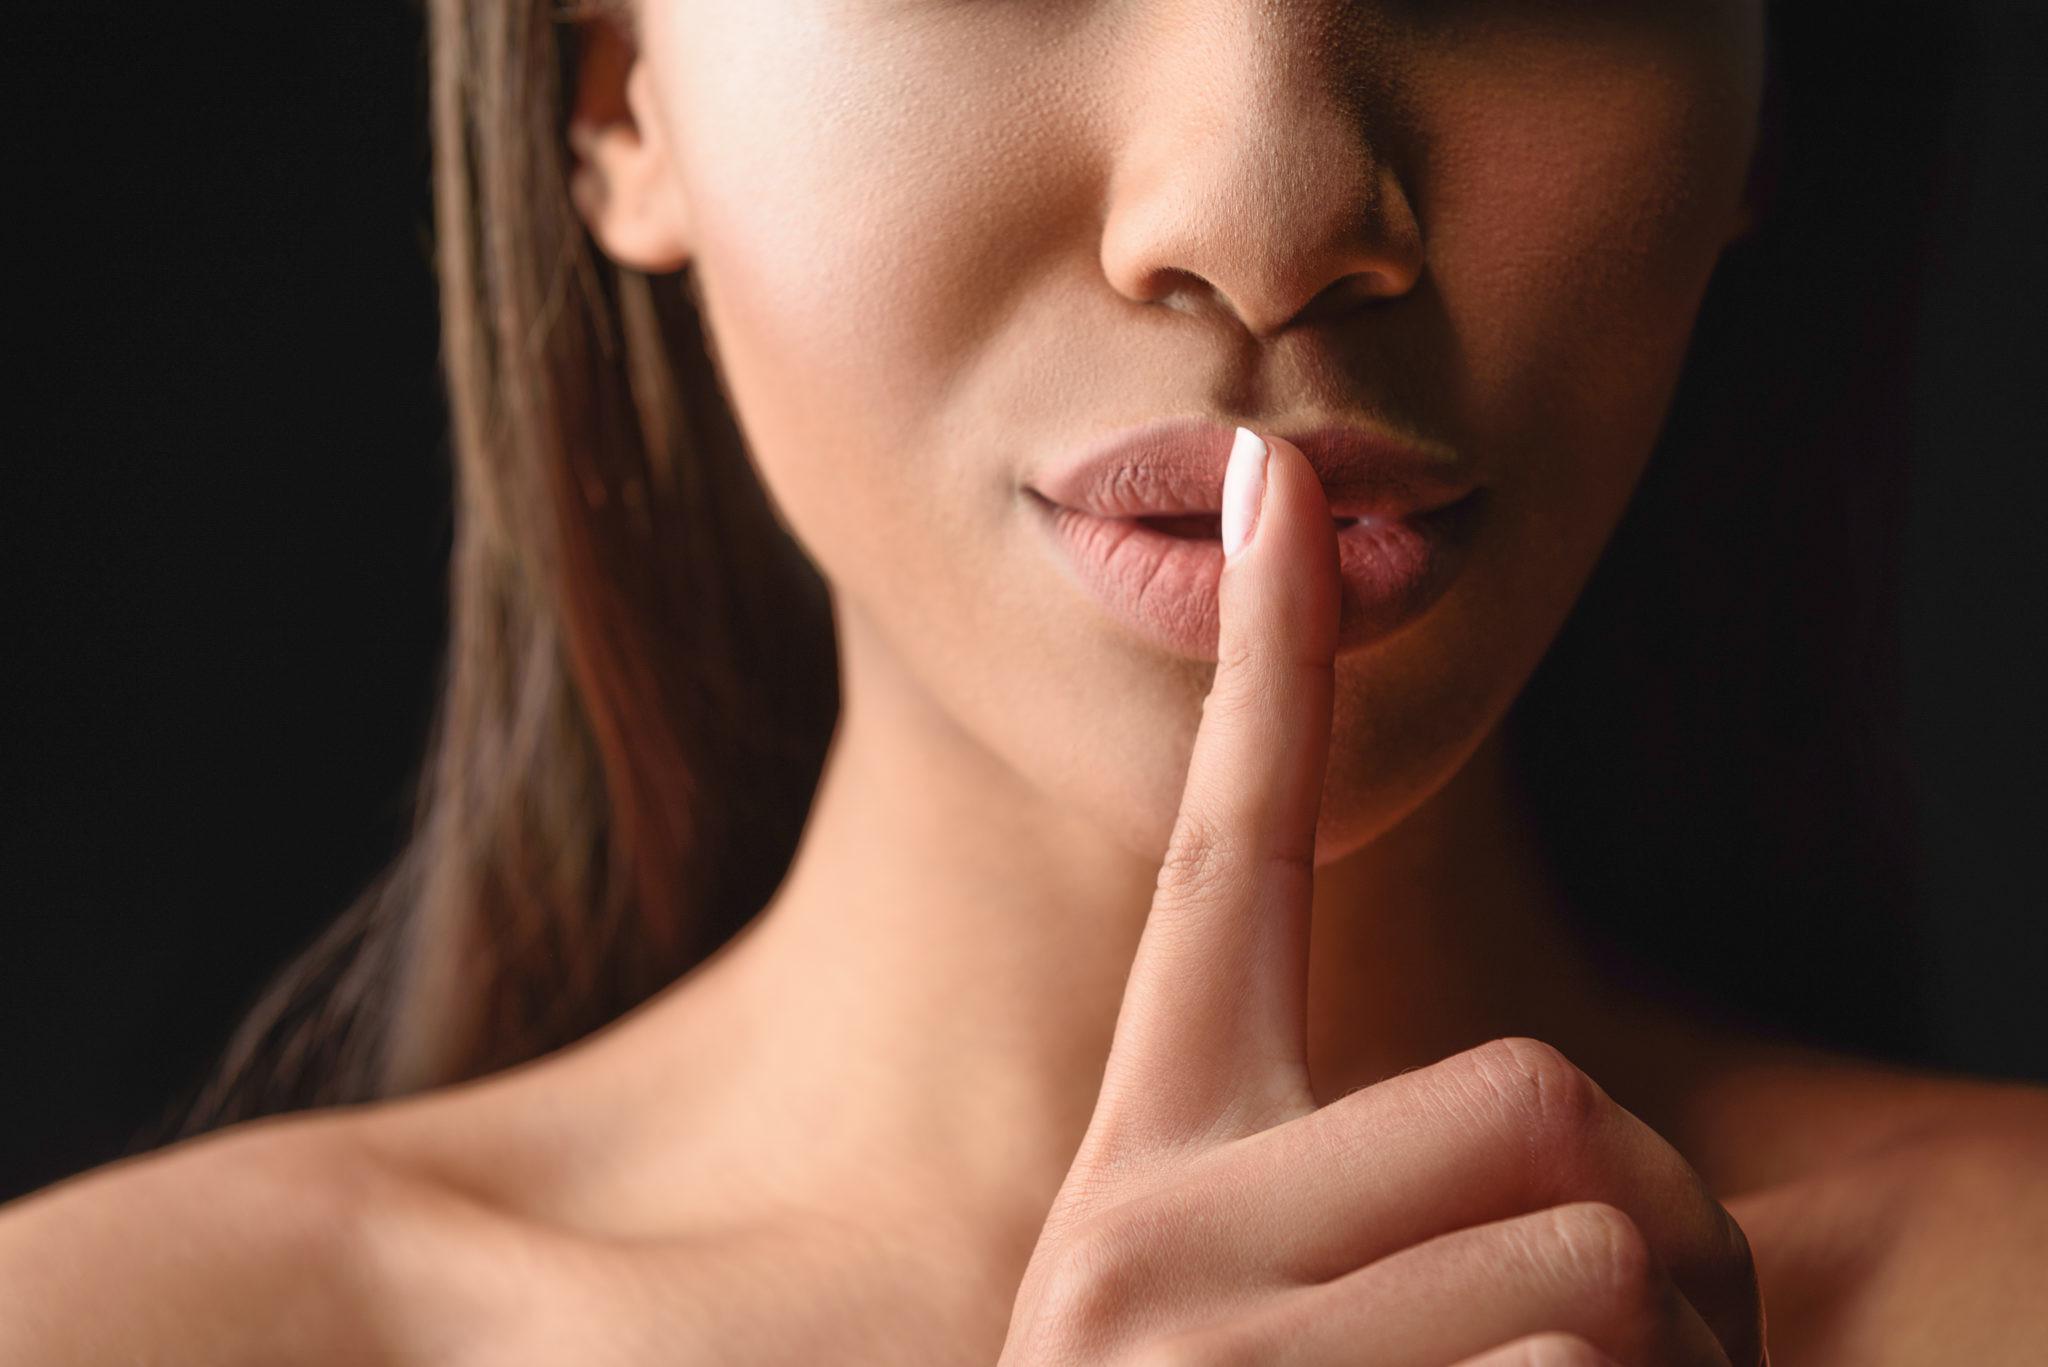 Смотри не ляпни: фразы, которые убивают секс